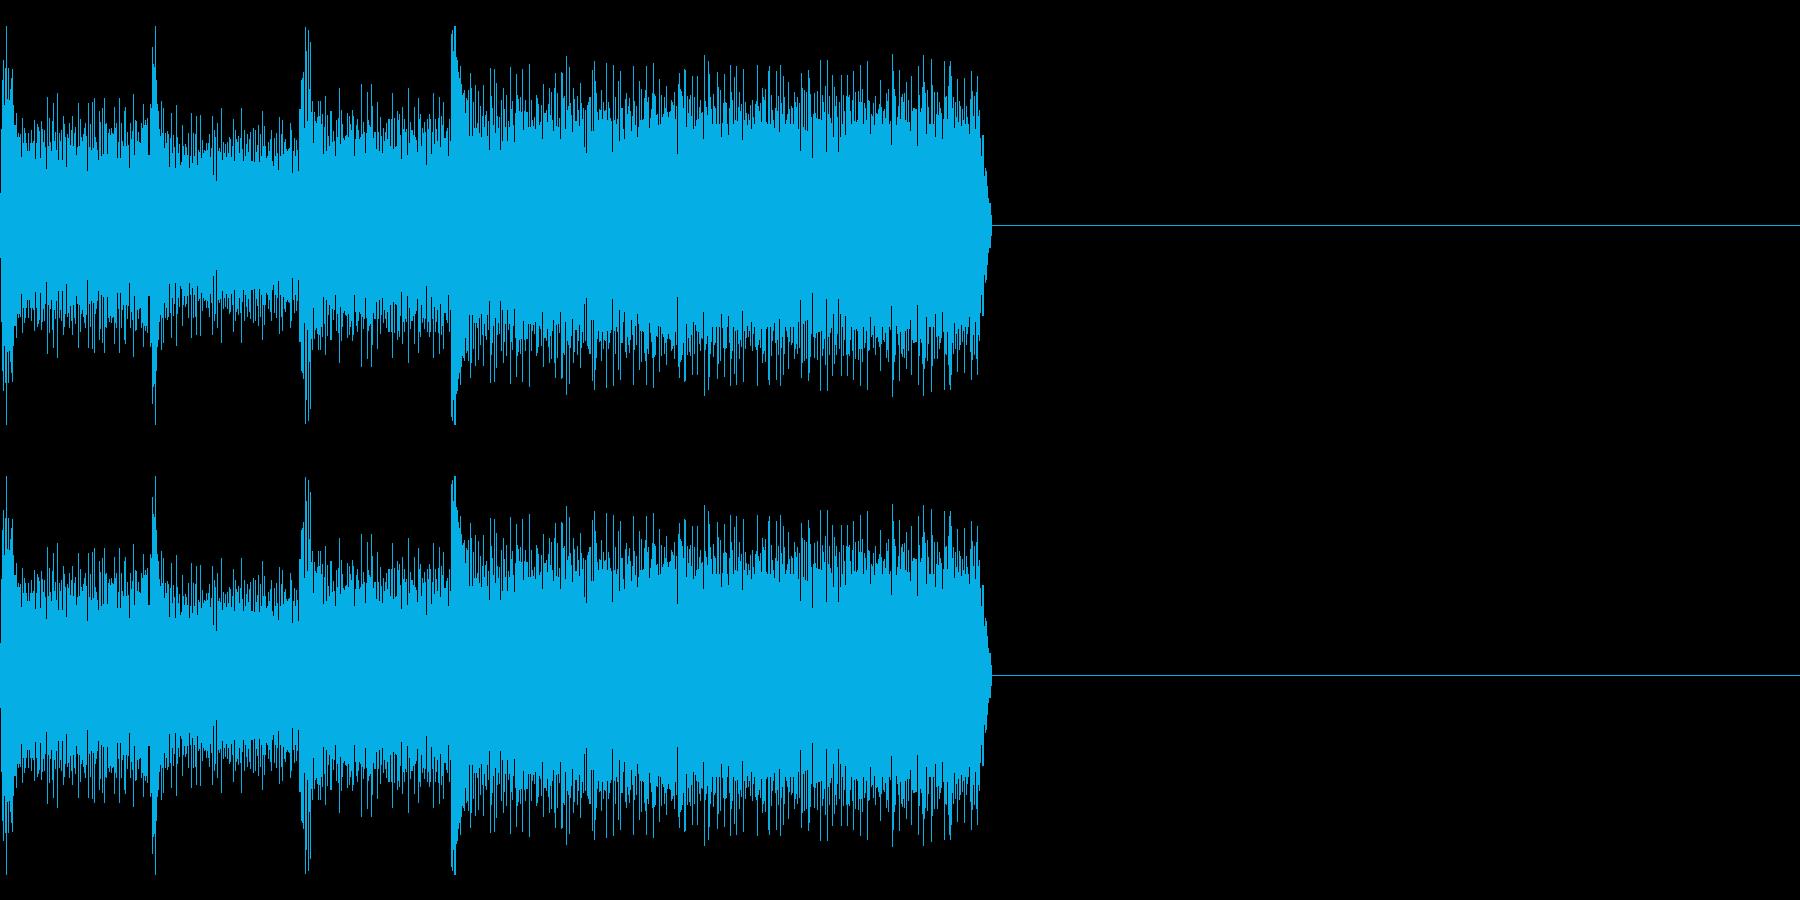 「デレレレー」不吉、ゲームオーバーの再生済みの波形